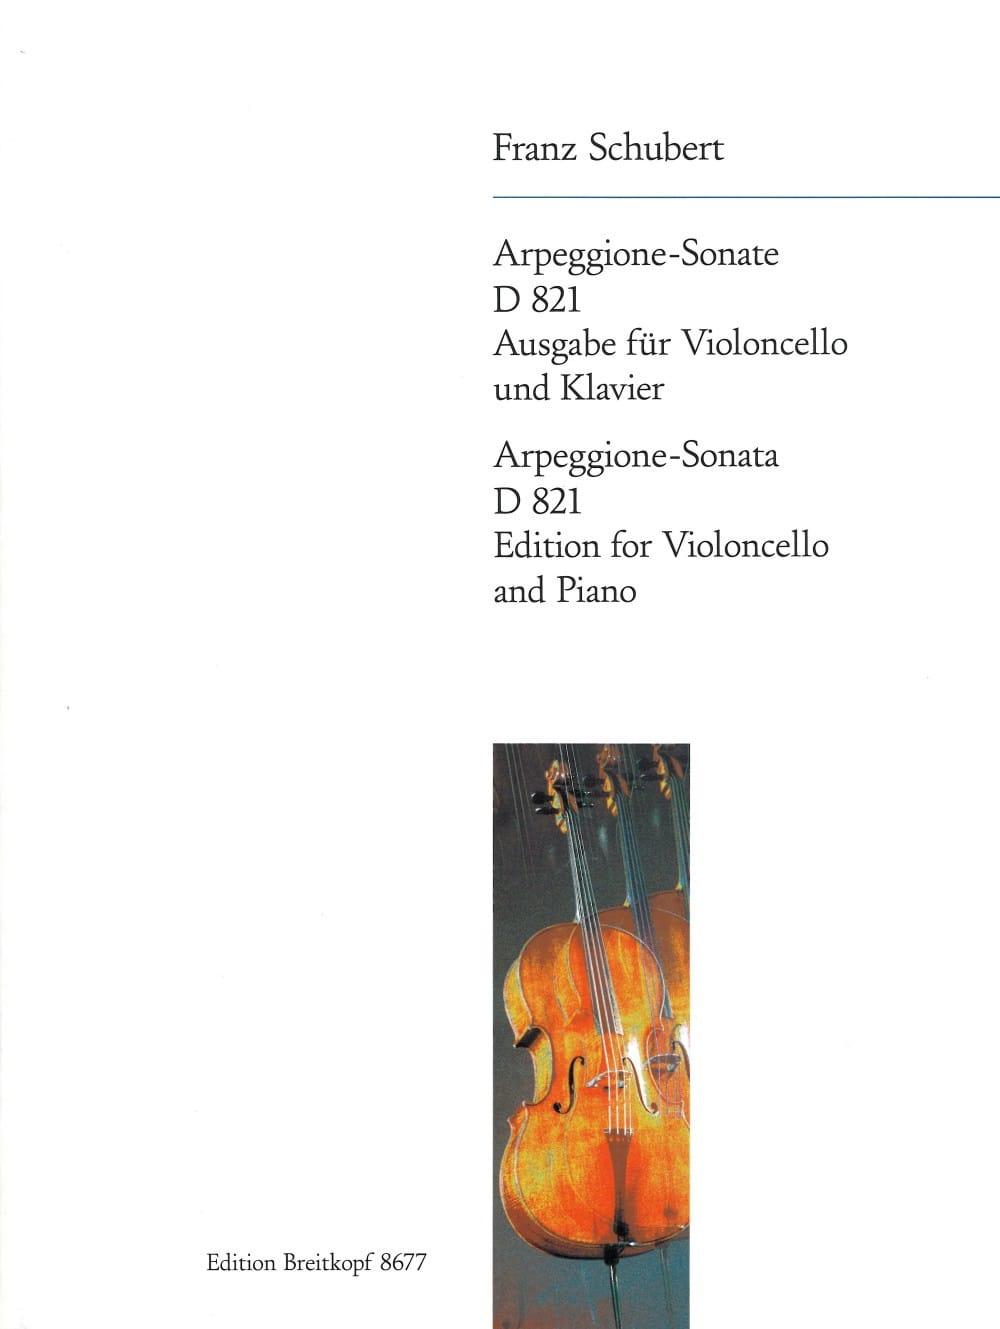 SCHUBERT - Arpeggione-Sonata A Moll D 821 - Cello - Partition - di-arezzo.es